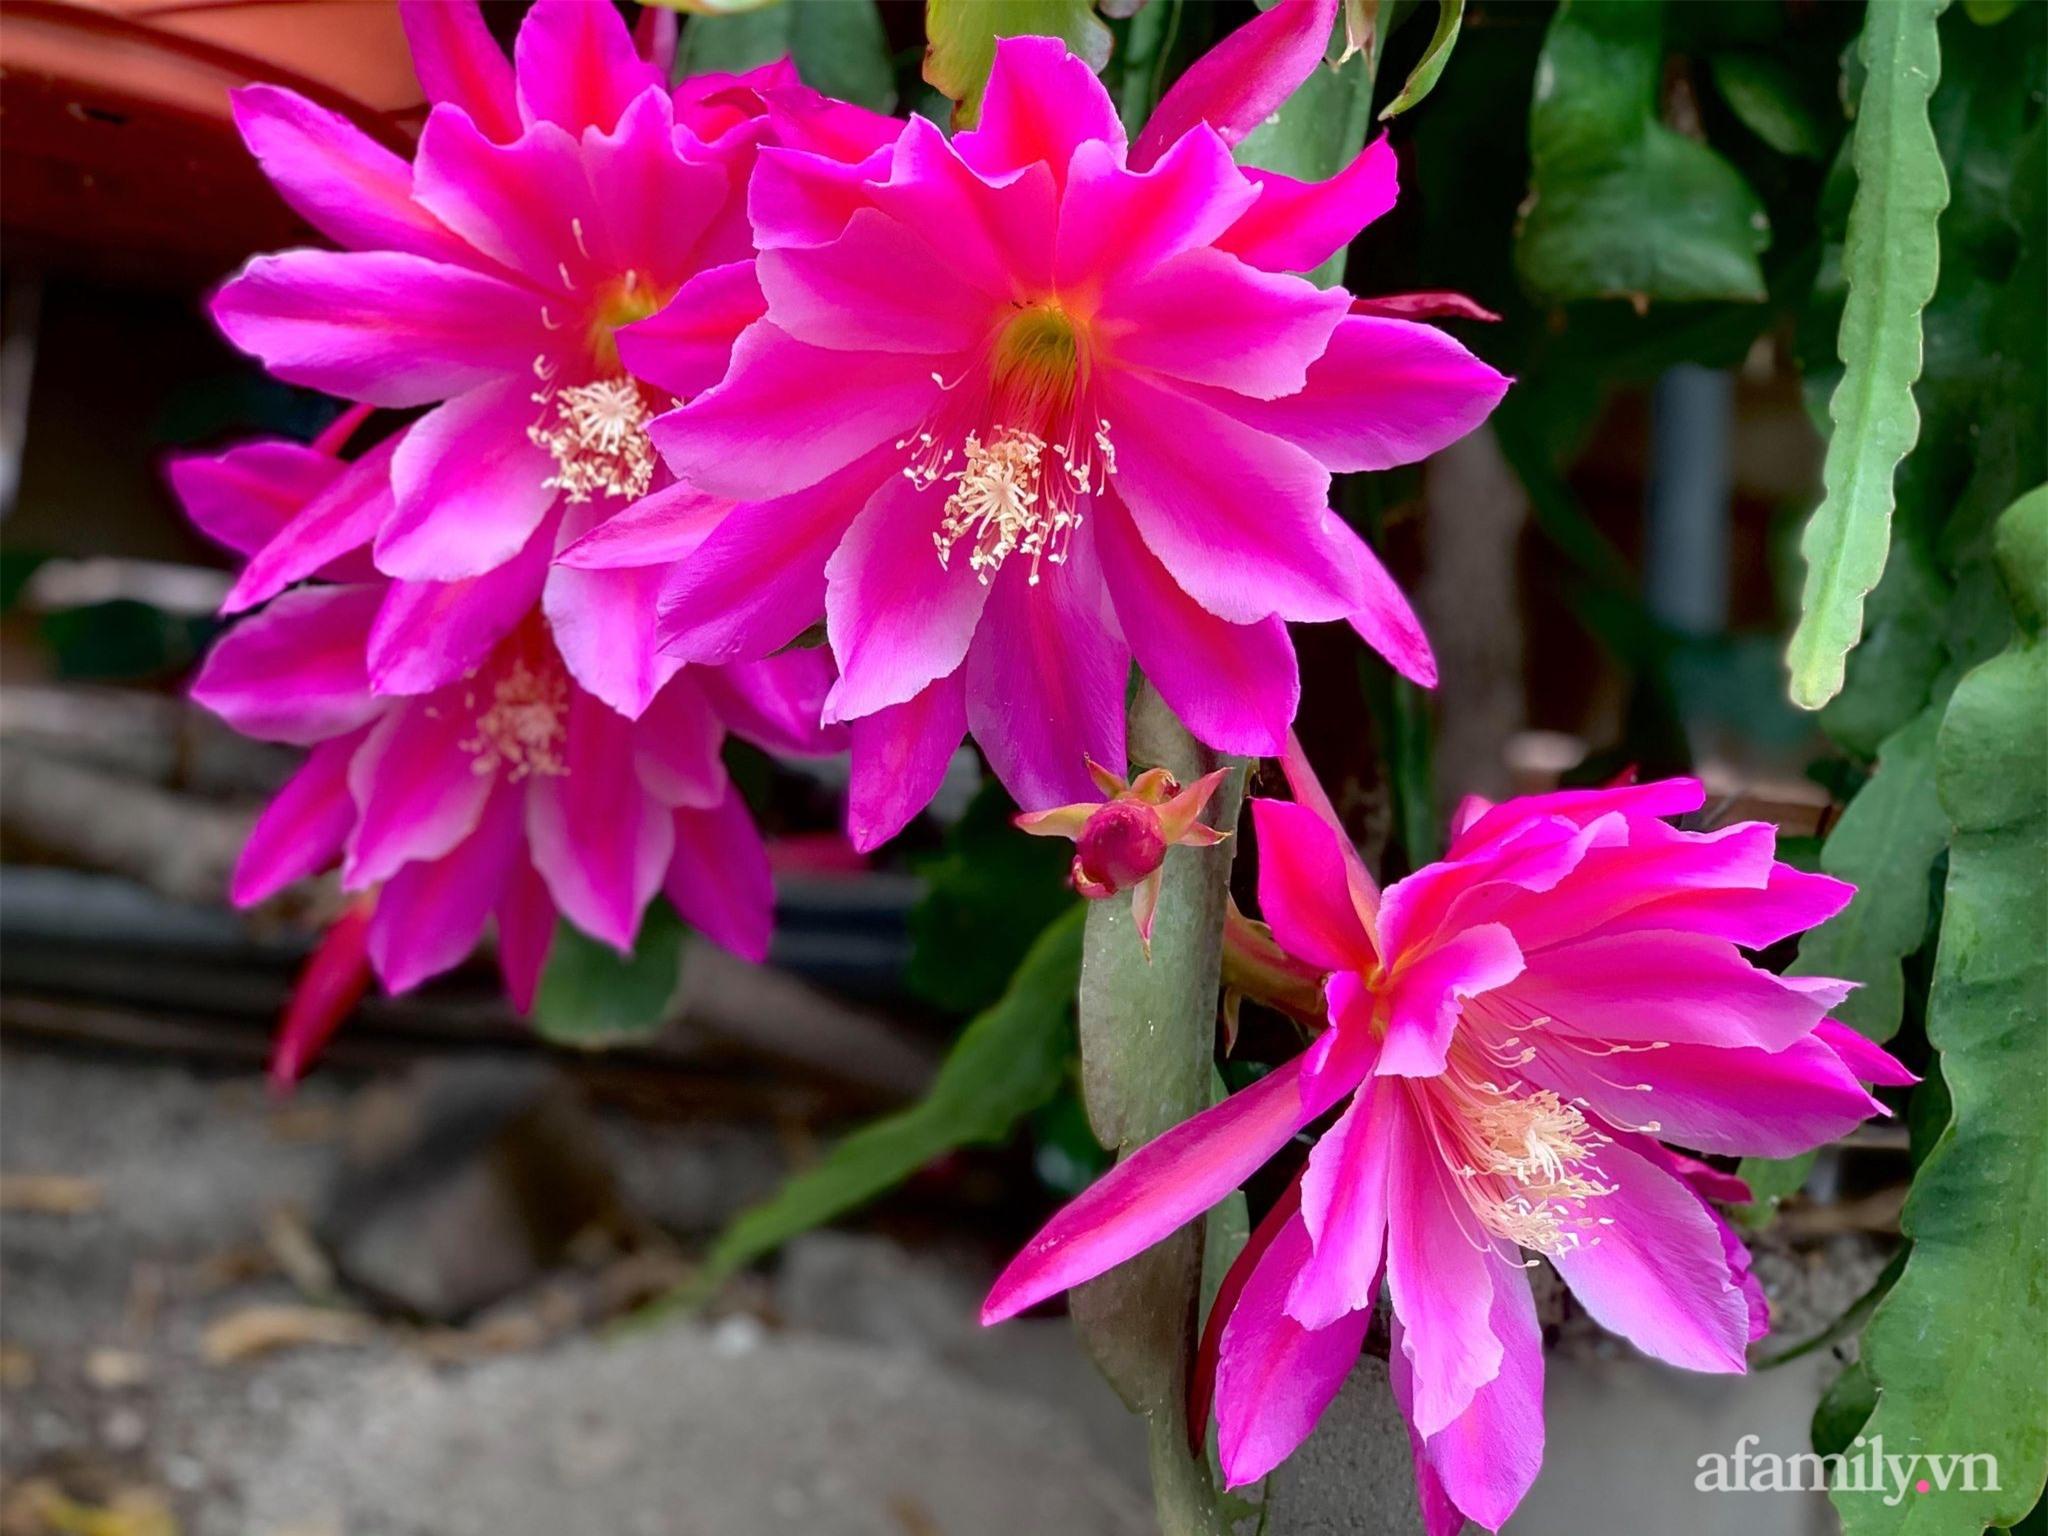 Khu vườn rực rỡ quanh năm với 200 loài quỳnh khoe sắc của mẹ Việt ở Mỹ - Ảnh 9.